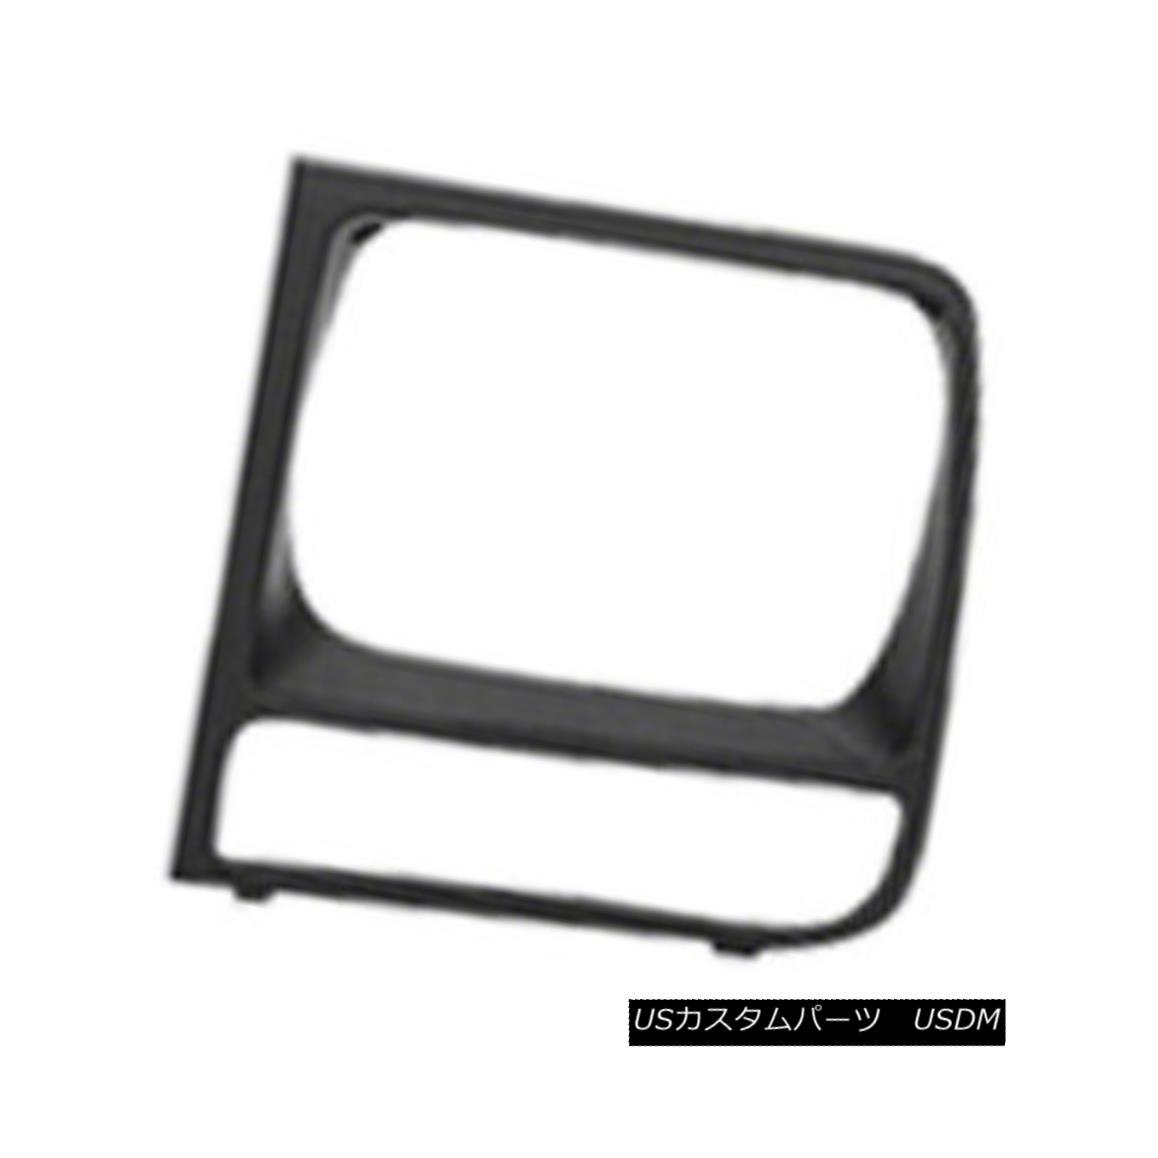 グリル New Headlight Door Flat Black Passenger Side for SE / SE Sport Models 630-00974R SE / SEスポーツモデル630-00974Rの新しいヘッドライトドアフラットブラック乗客側